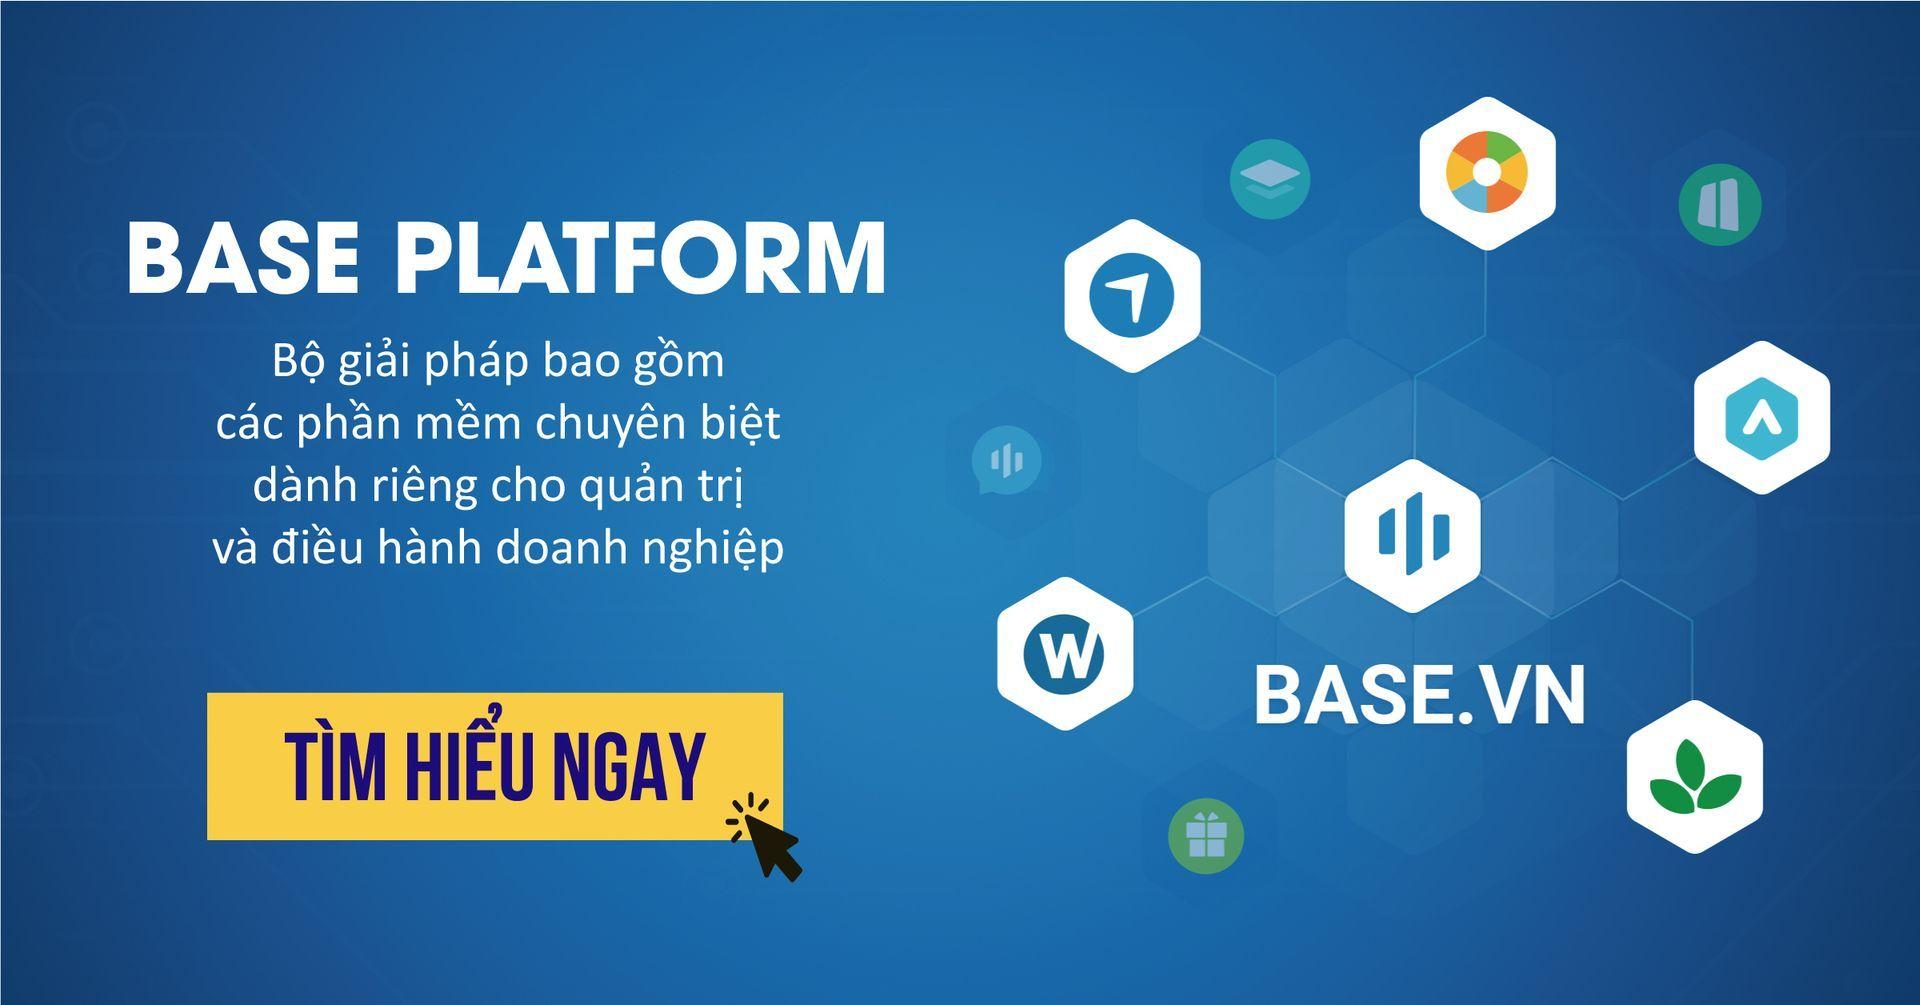 Startup Việt cung cấp dịch vụ phần mềm doanh nghiệp nhận 1,3 triệu USD đầu tư từ quỹ nước ngoài}